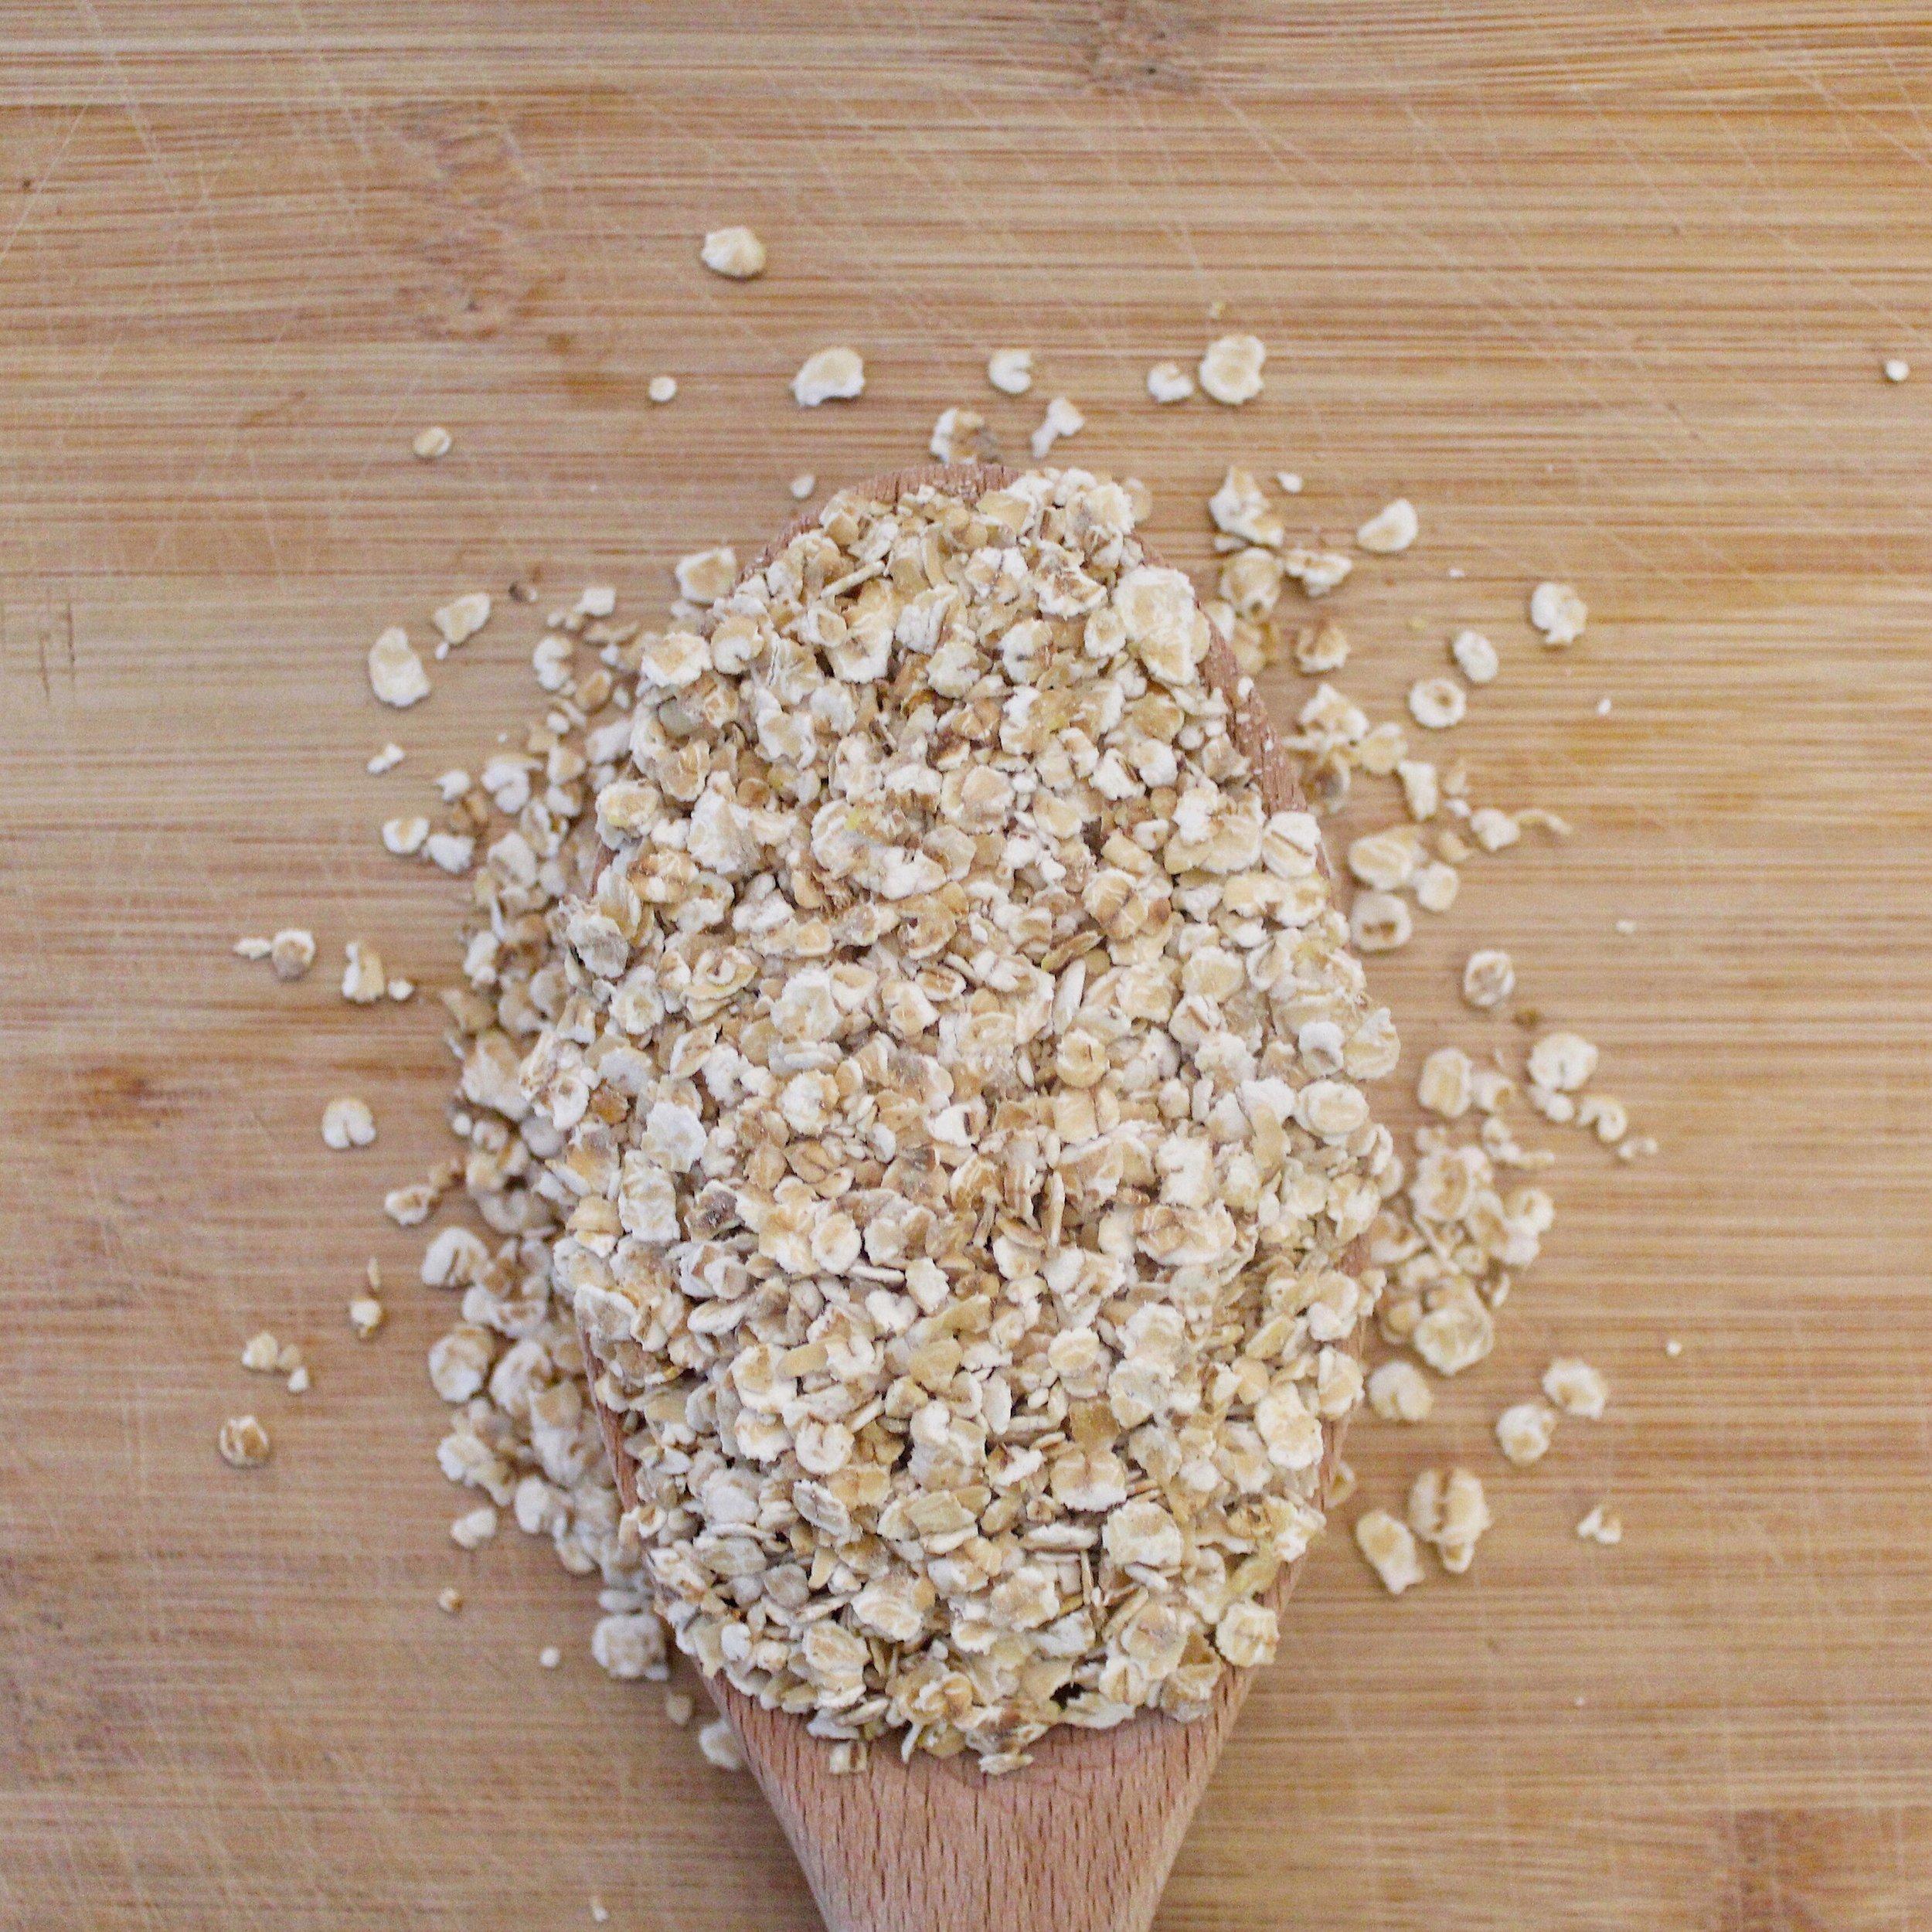 """L'avoine est devenu LA star des petit-déjeuners. Anciennement utilisée pour l'alimentation équine du fait de son pouvoir stimulant et excitant.  Ultra riche en fibres solubles, notamment le bêta-glucane, une fibre soluble qui a prouvé son efficacité dans la réduction du cholestérol, l'avoine est ainsi un très bon régulateur du transit.  Les protéines présentes dans l'avoine sont riches en tryptophane qui participent à la production de la sérotonine et de la mélatonine, les hormones du bien-être et du sommeil.  Naturellement sans gluten, cette céréale pousse très souvent à côté des champs de blé et/ou est travaillée avec les mêmes machines, elle est de ce fait """"contaminée"""" par le gluten présent dans le blé. Méfiez-vous de bien acheter de l'avoine certifiée sans gluten !"""